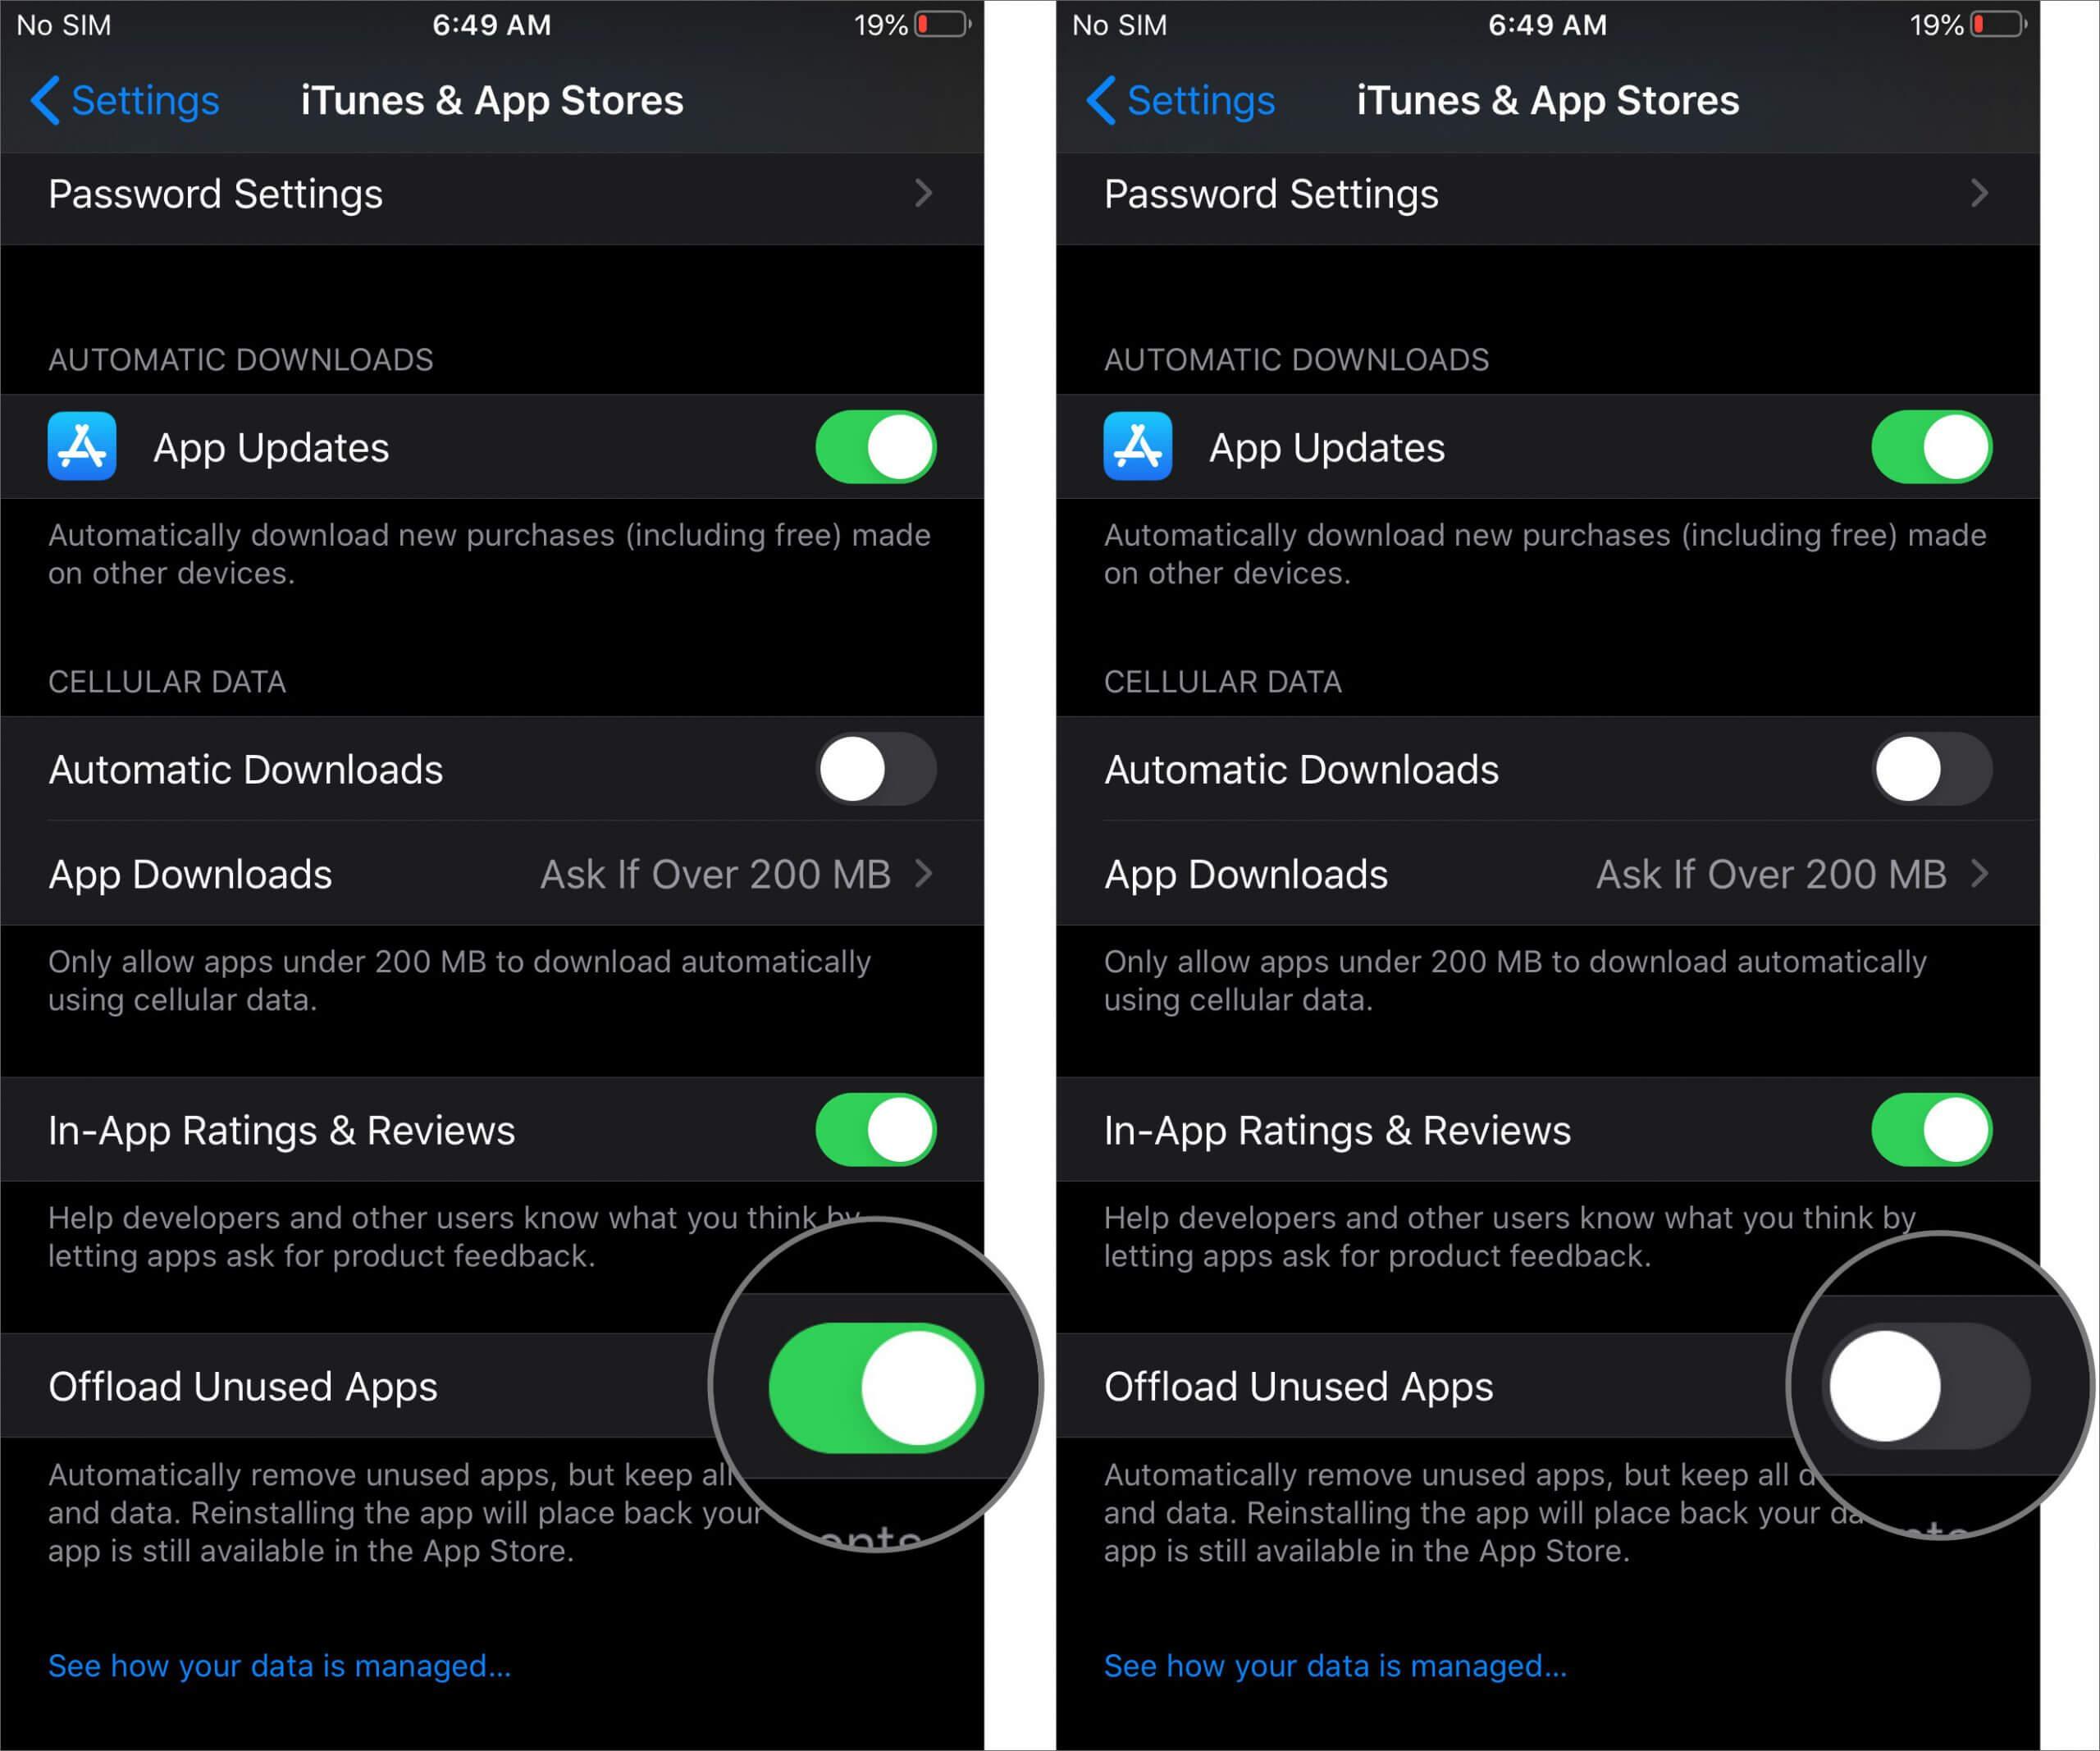 Turn Off Offload Unused Apps on iPhone or iPad